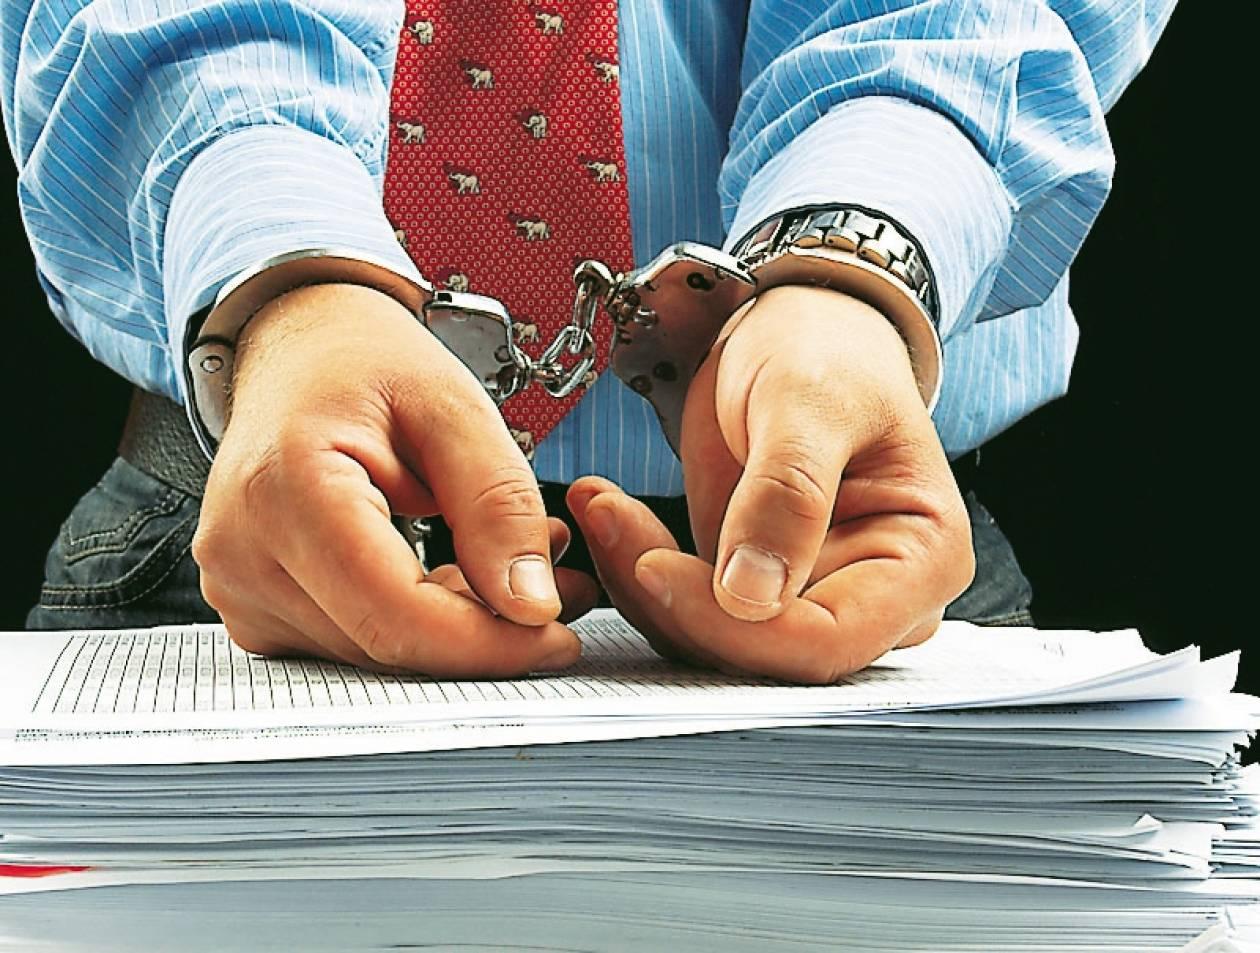 Σύλληψη μεγαλοοφειλέτη στα Χανιά